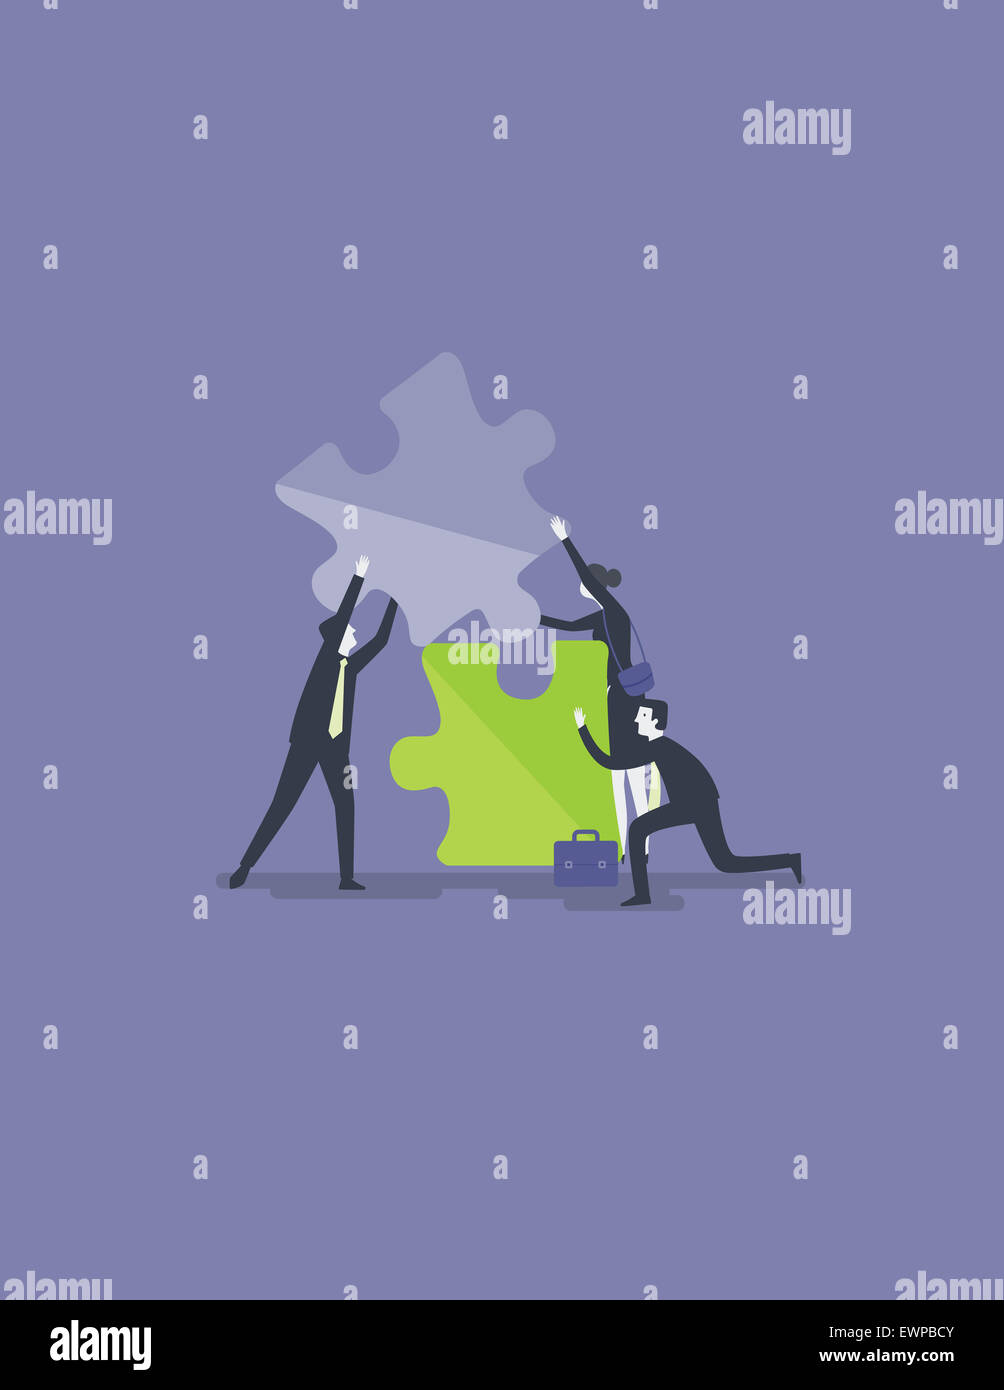 Geschäftsleute, die Befestigung Puzzleteil für Lösung zusammenarbeiten oder zusammenführen Stockbild